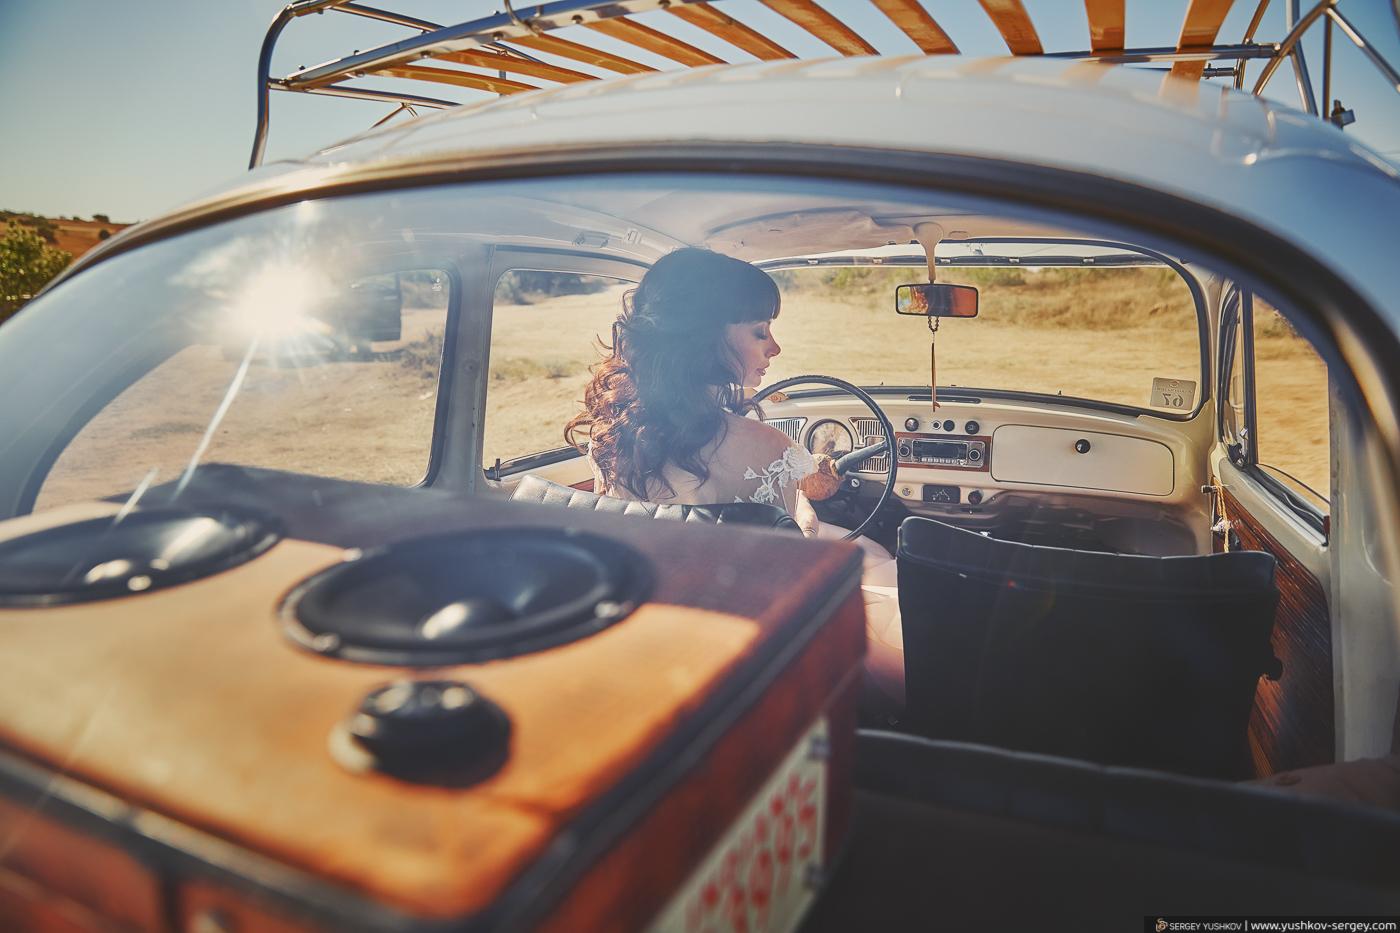 Свадьба для двоих в Крыму. Пляжная фотосессия на закате. Свадебный фотограф - Сергей Юшков.